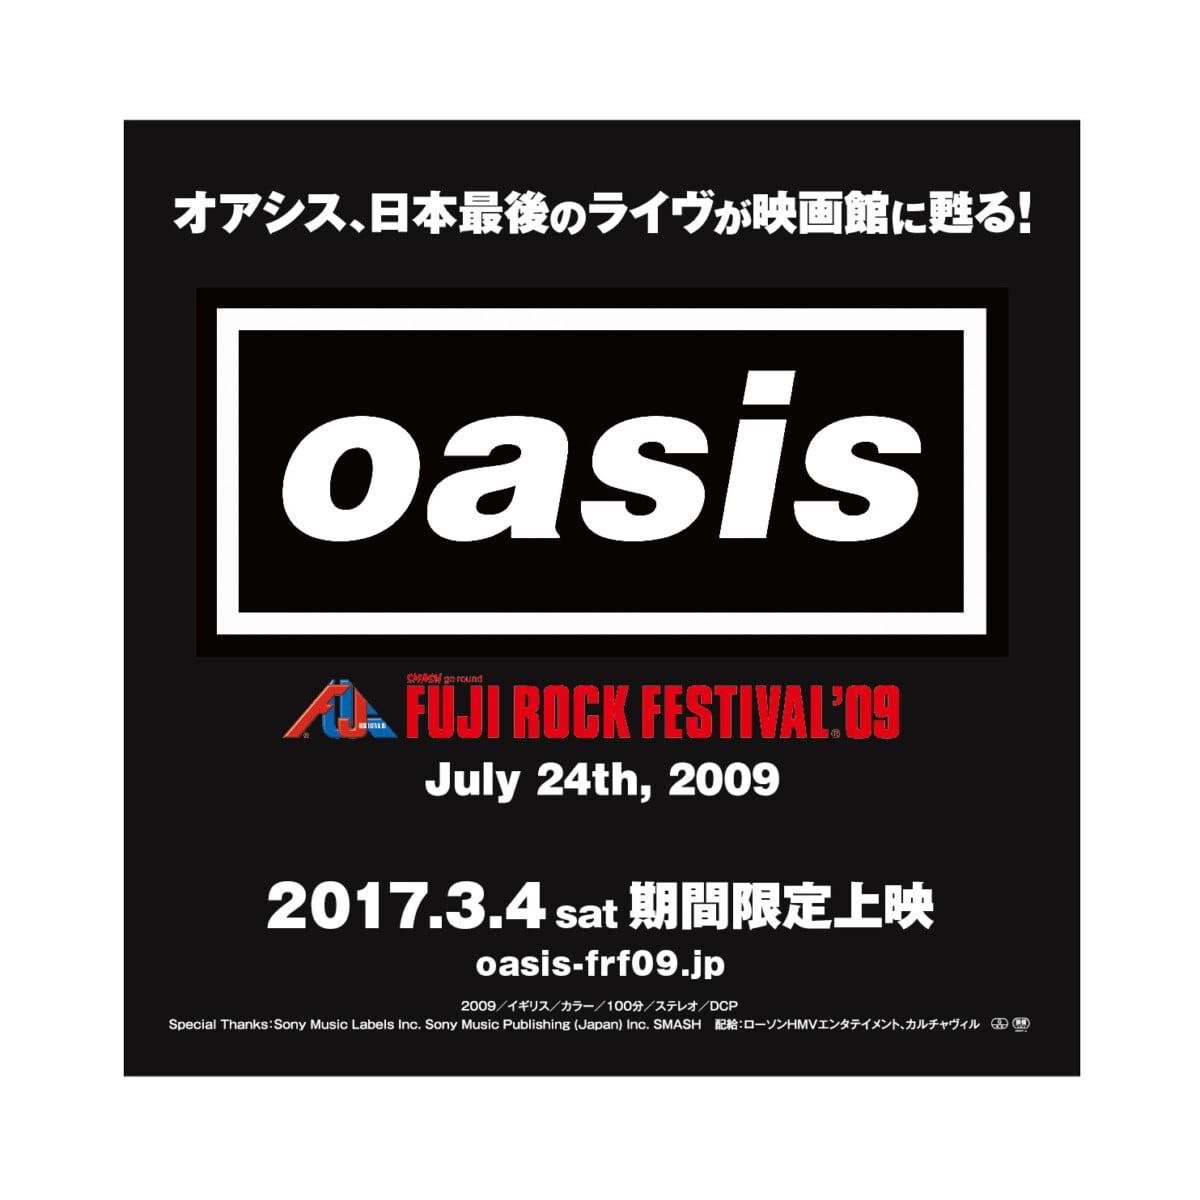 【プレゼント】日本最後のライブが甦る!『オアシス フジロックフェスティバル'09』映画オリジナルステッカーを【5名様】にプレゼント!